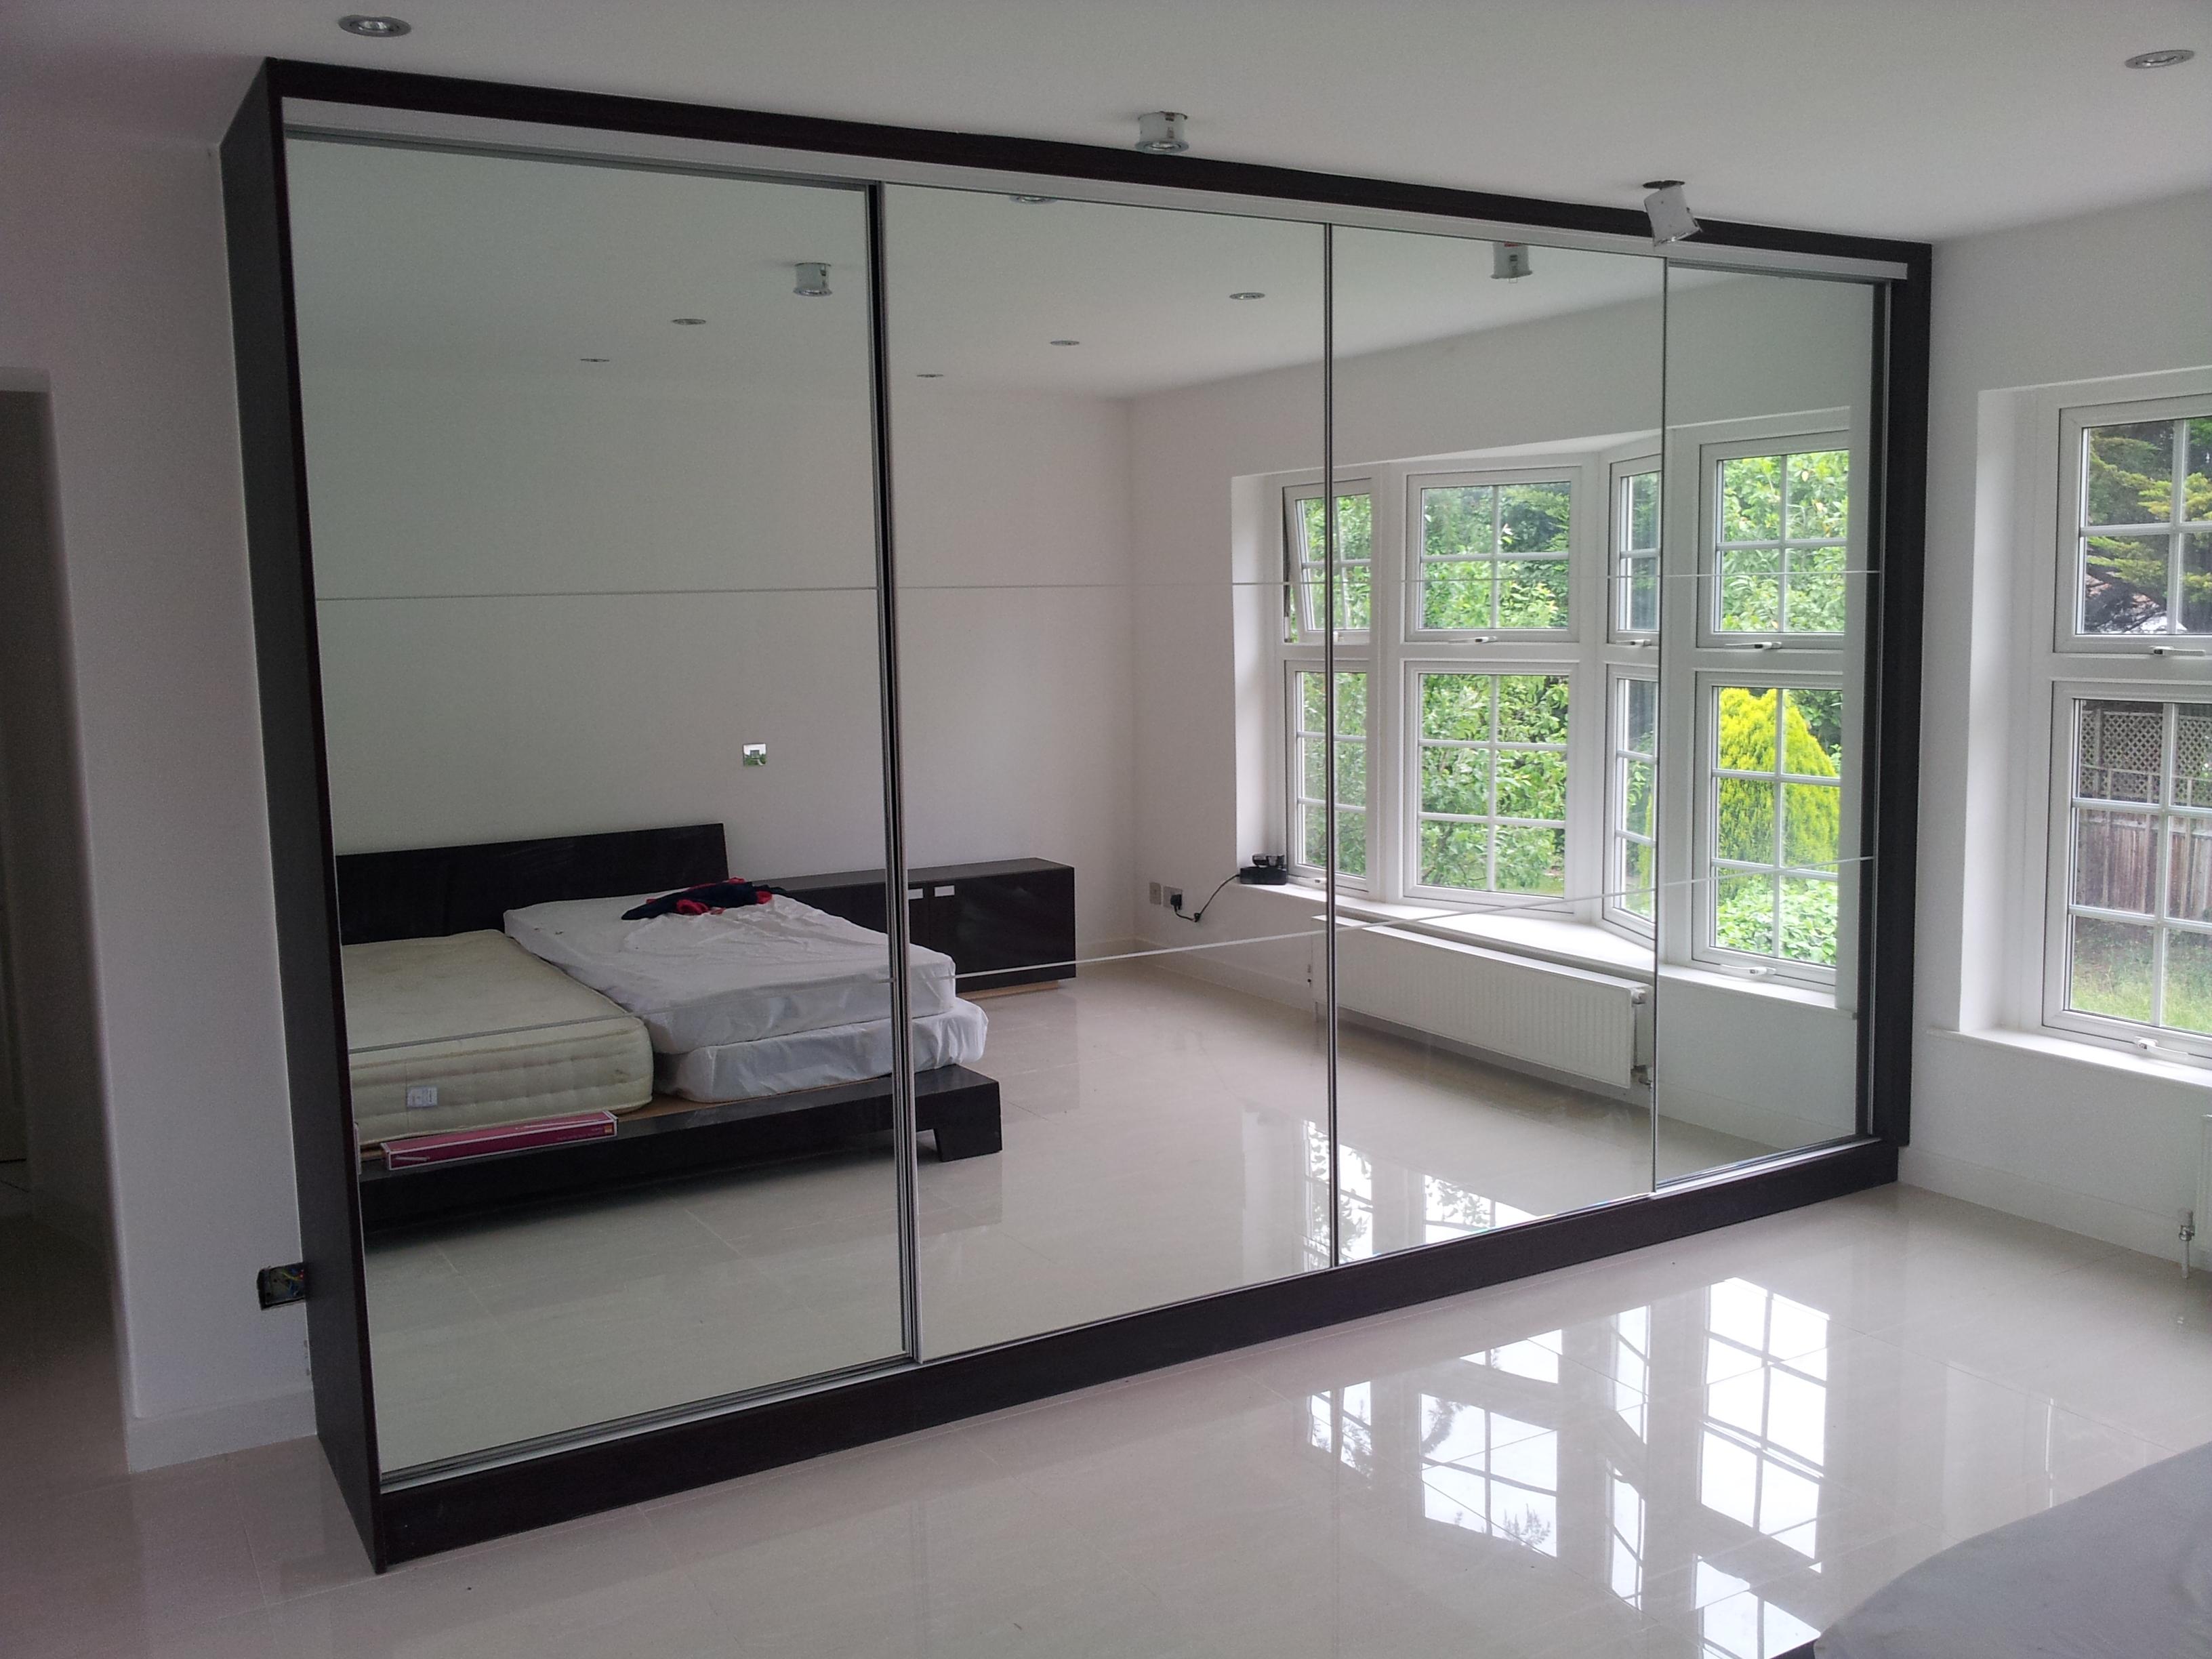 sliding door wardrobe sliding wardrobes london. Black Bedroom Furniture Sets. Home Design Ideas